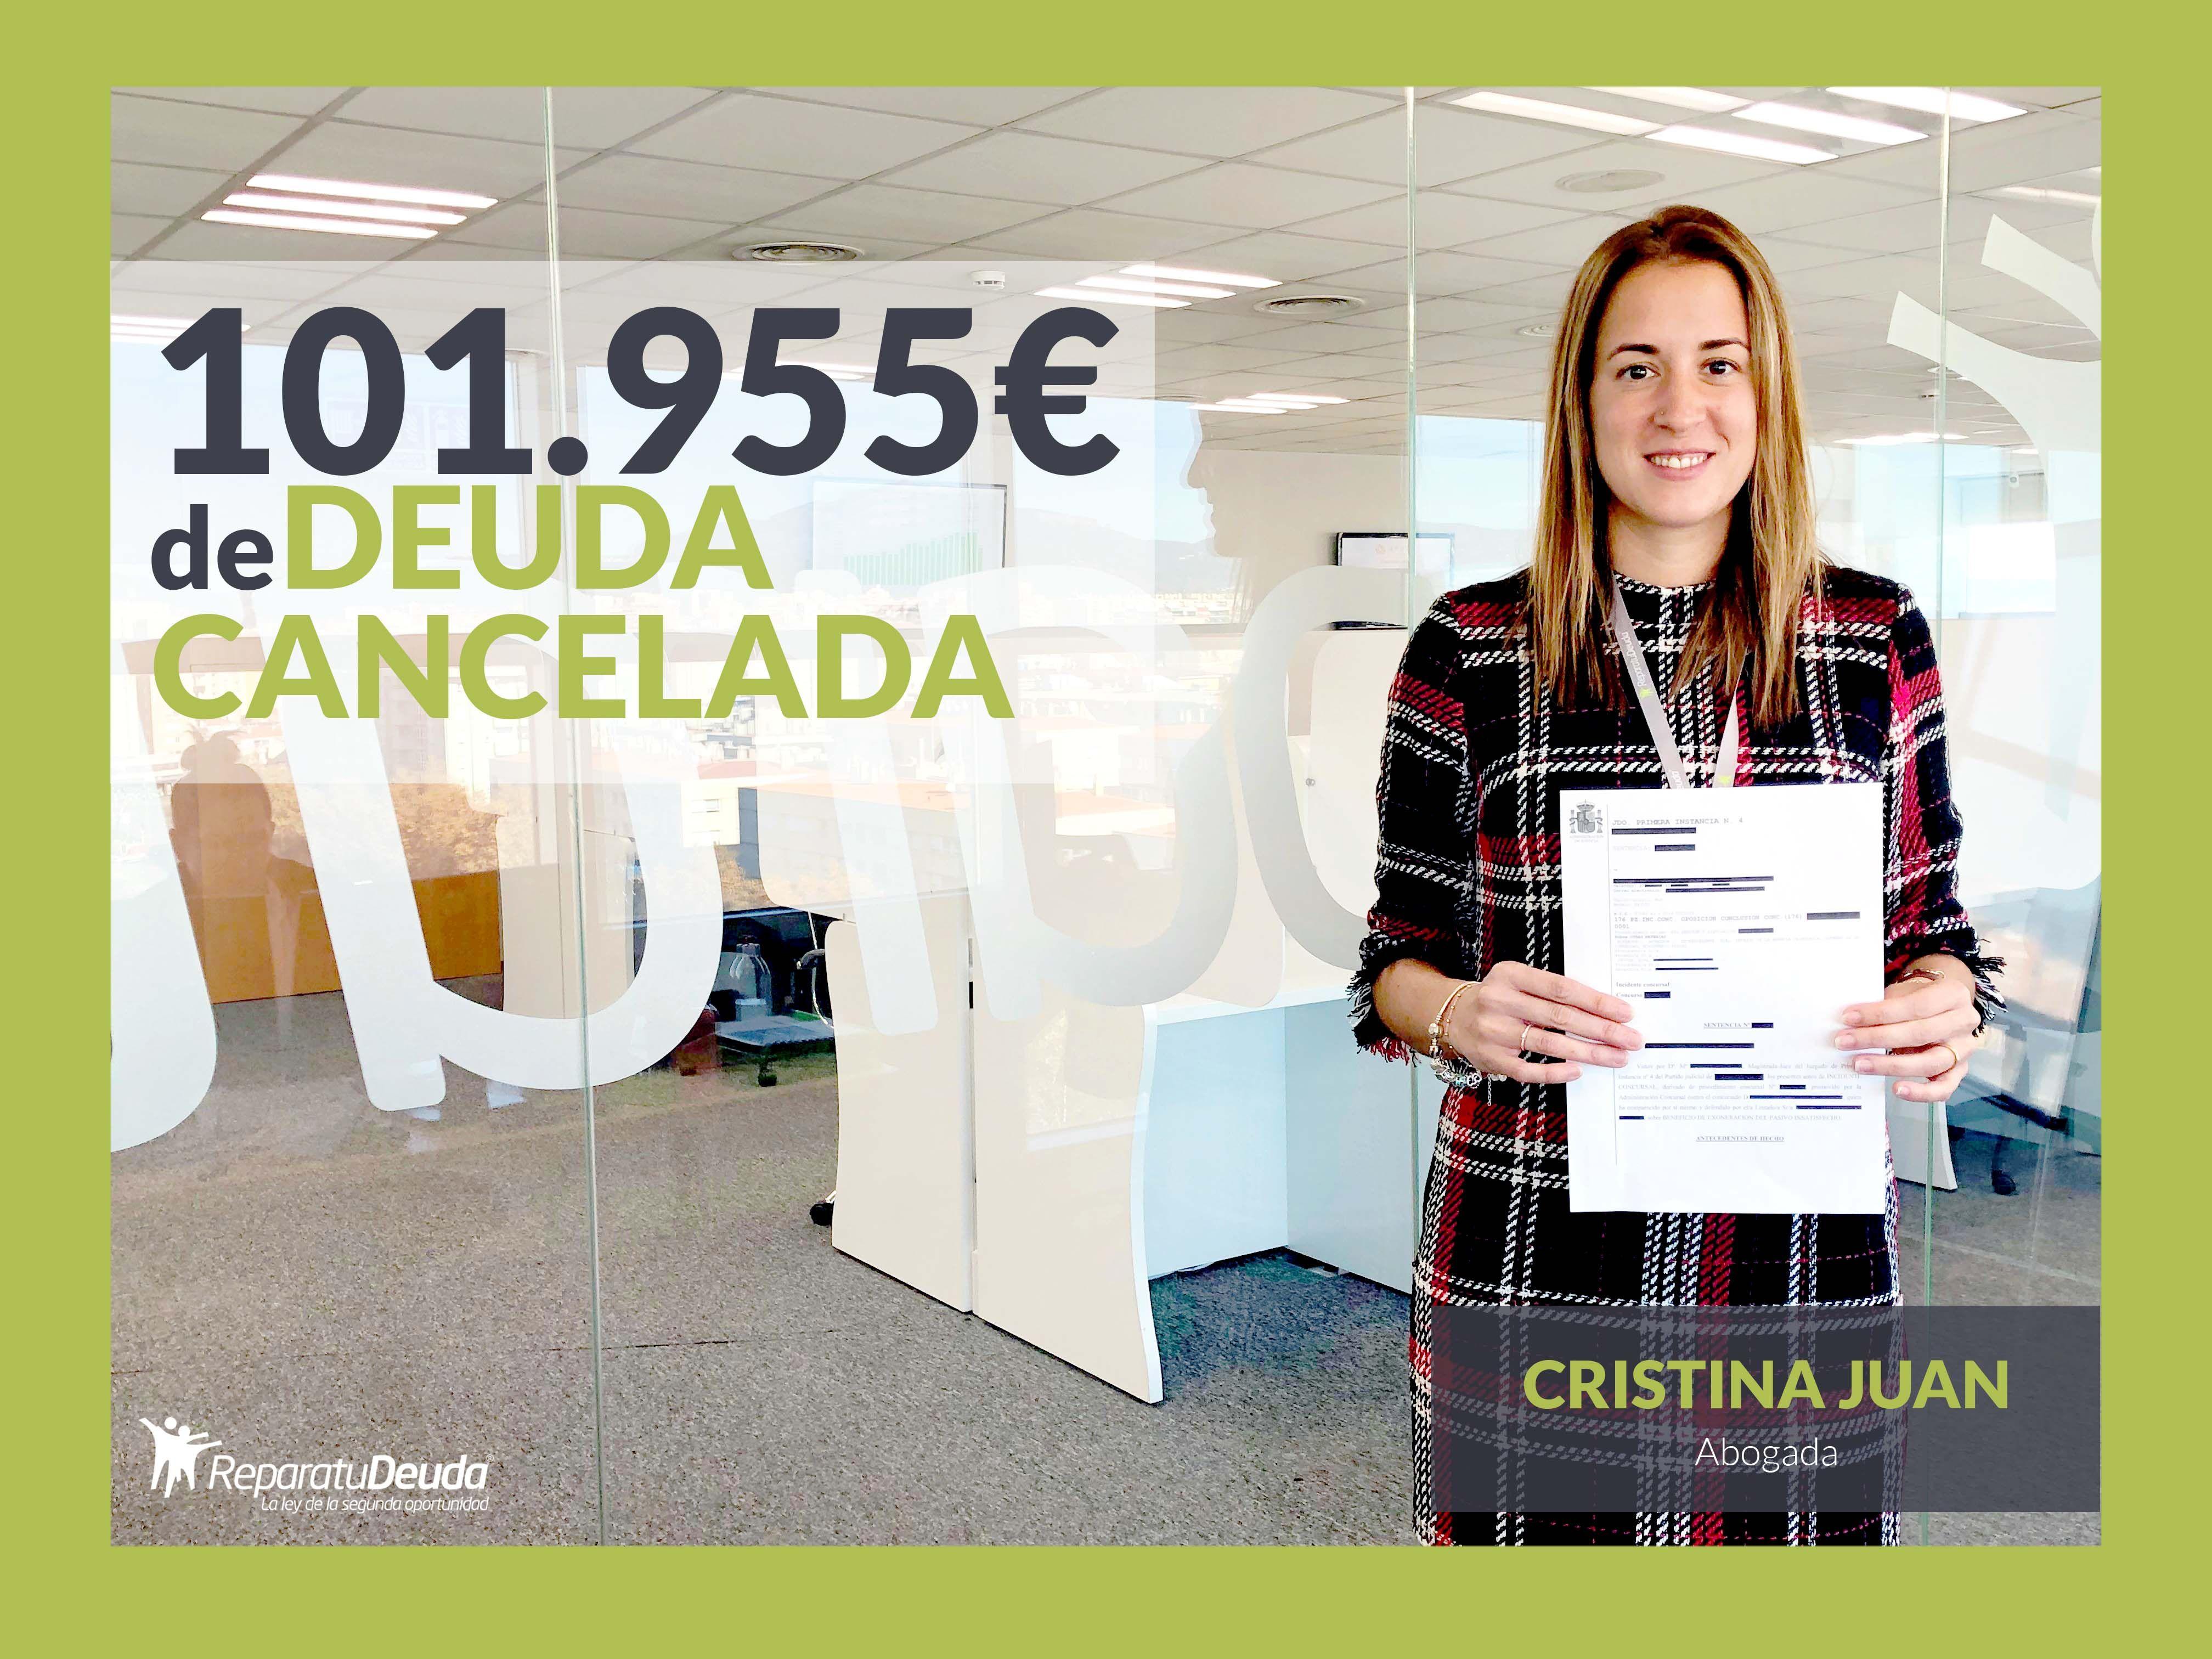 Repara tu Deuda cancela 101.955 ? en Santa Cruz de Tenerife (Canarias) con la Ley de Segunda Oportunidad